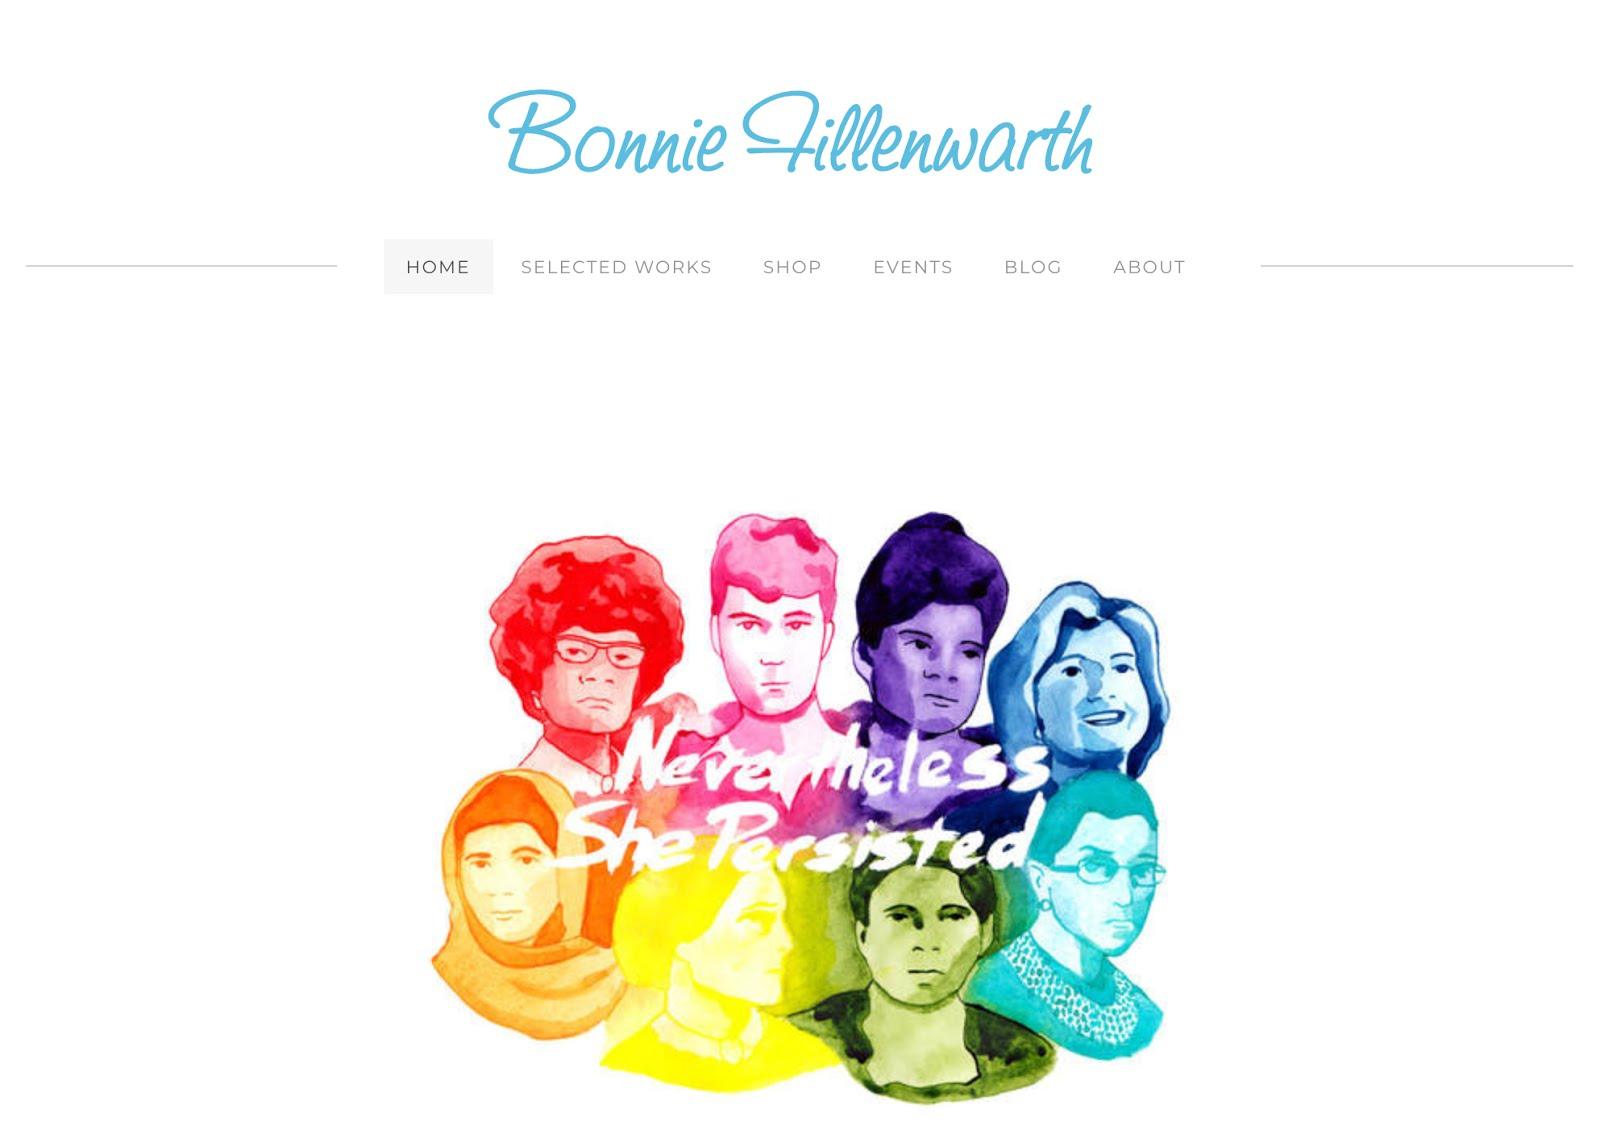 bonniefillenwarth.com